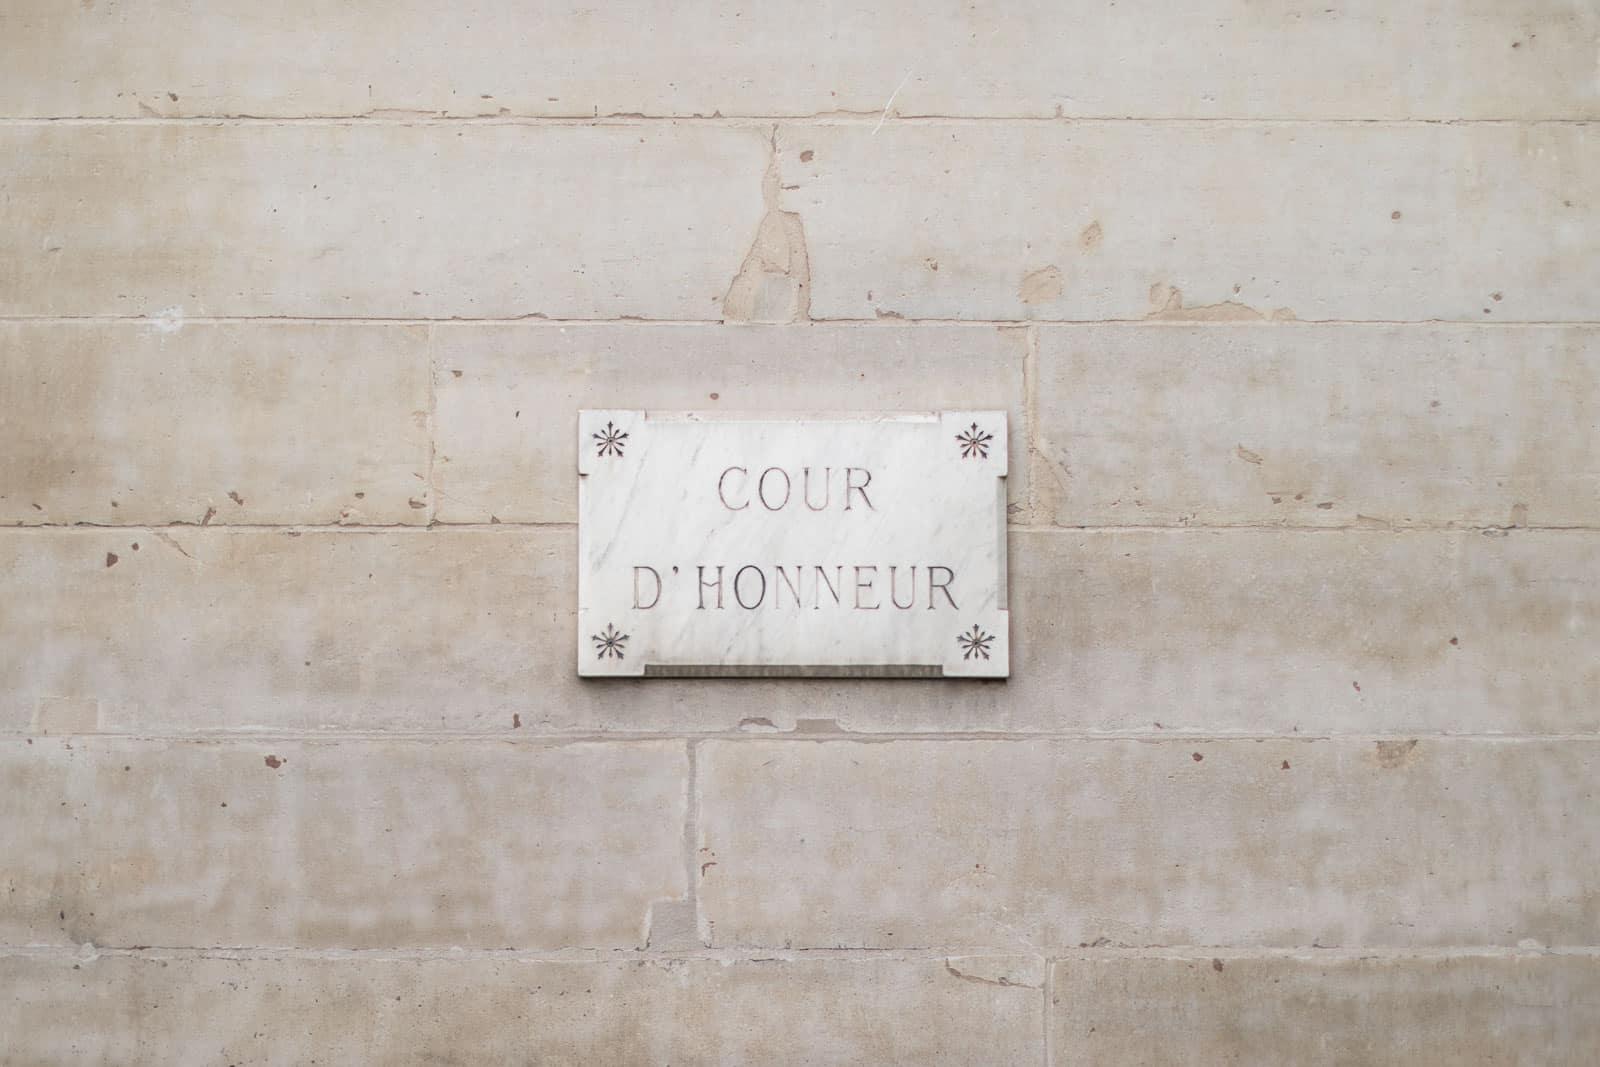 Photo de Mathieu Dété, image de la plaque de la cour d'honneur du Palais Royal